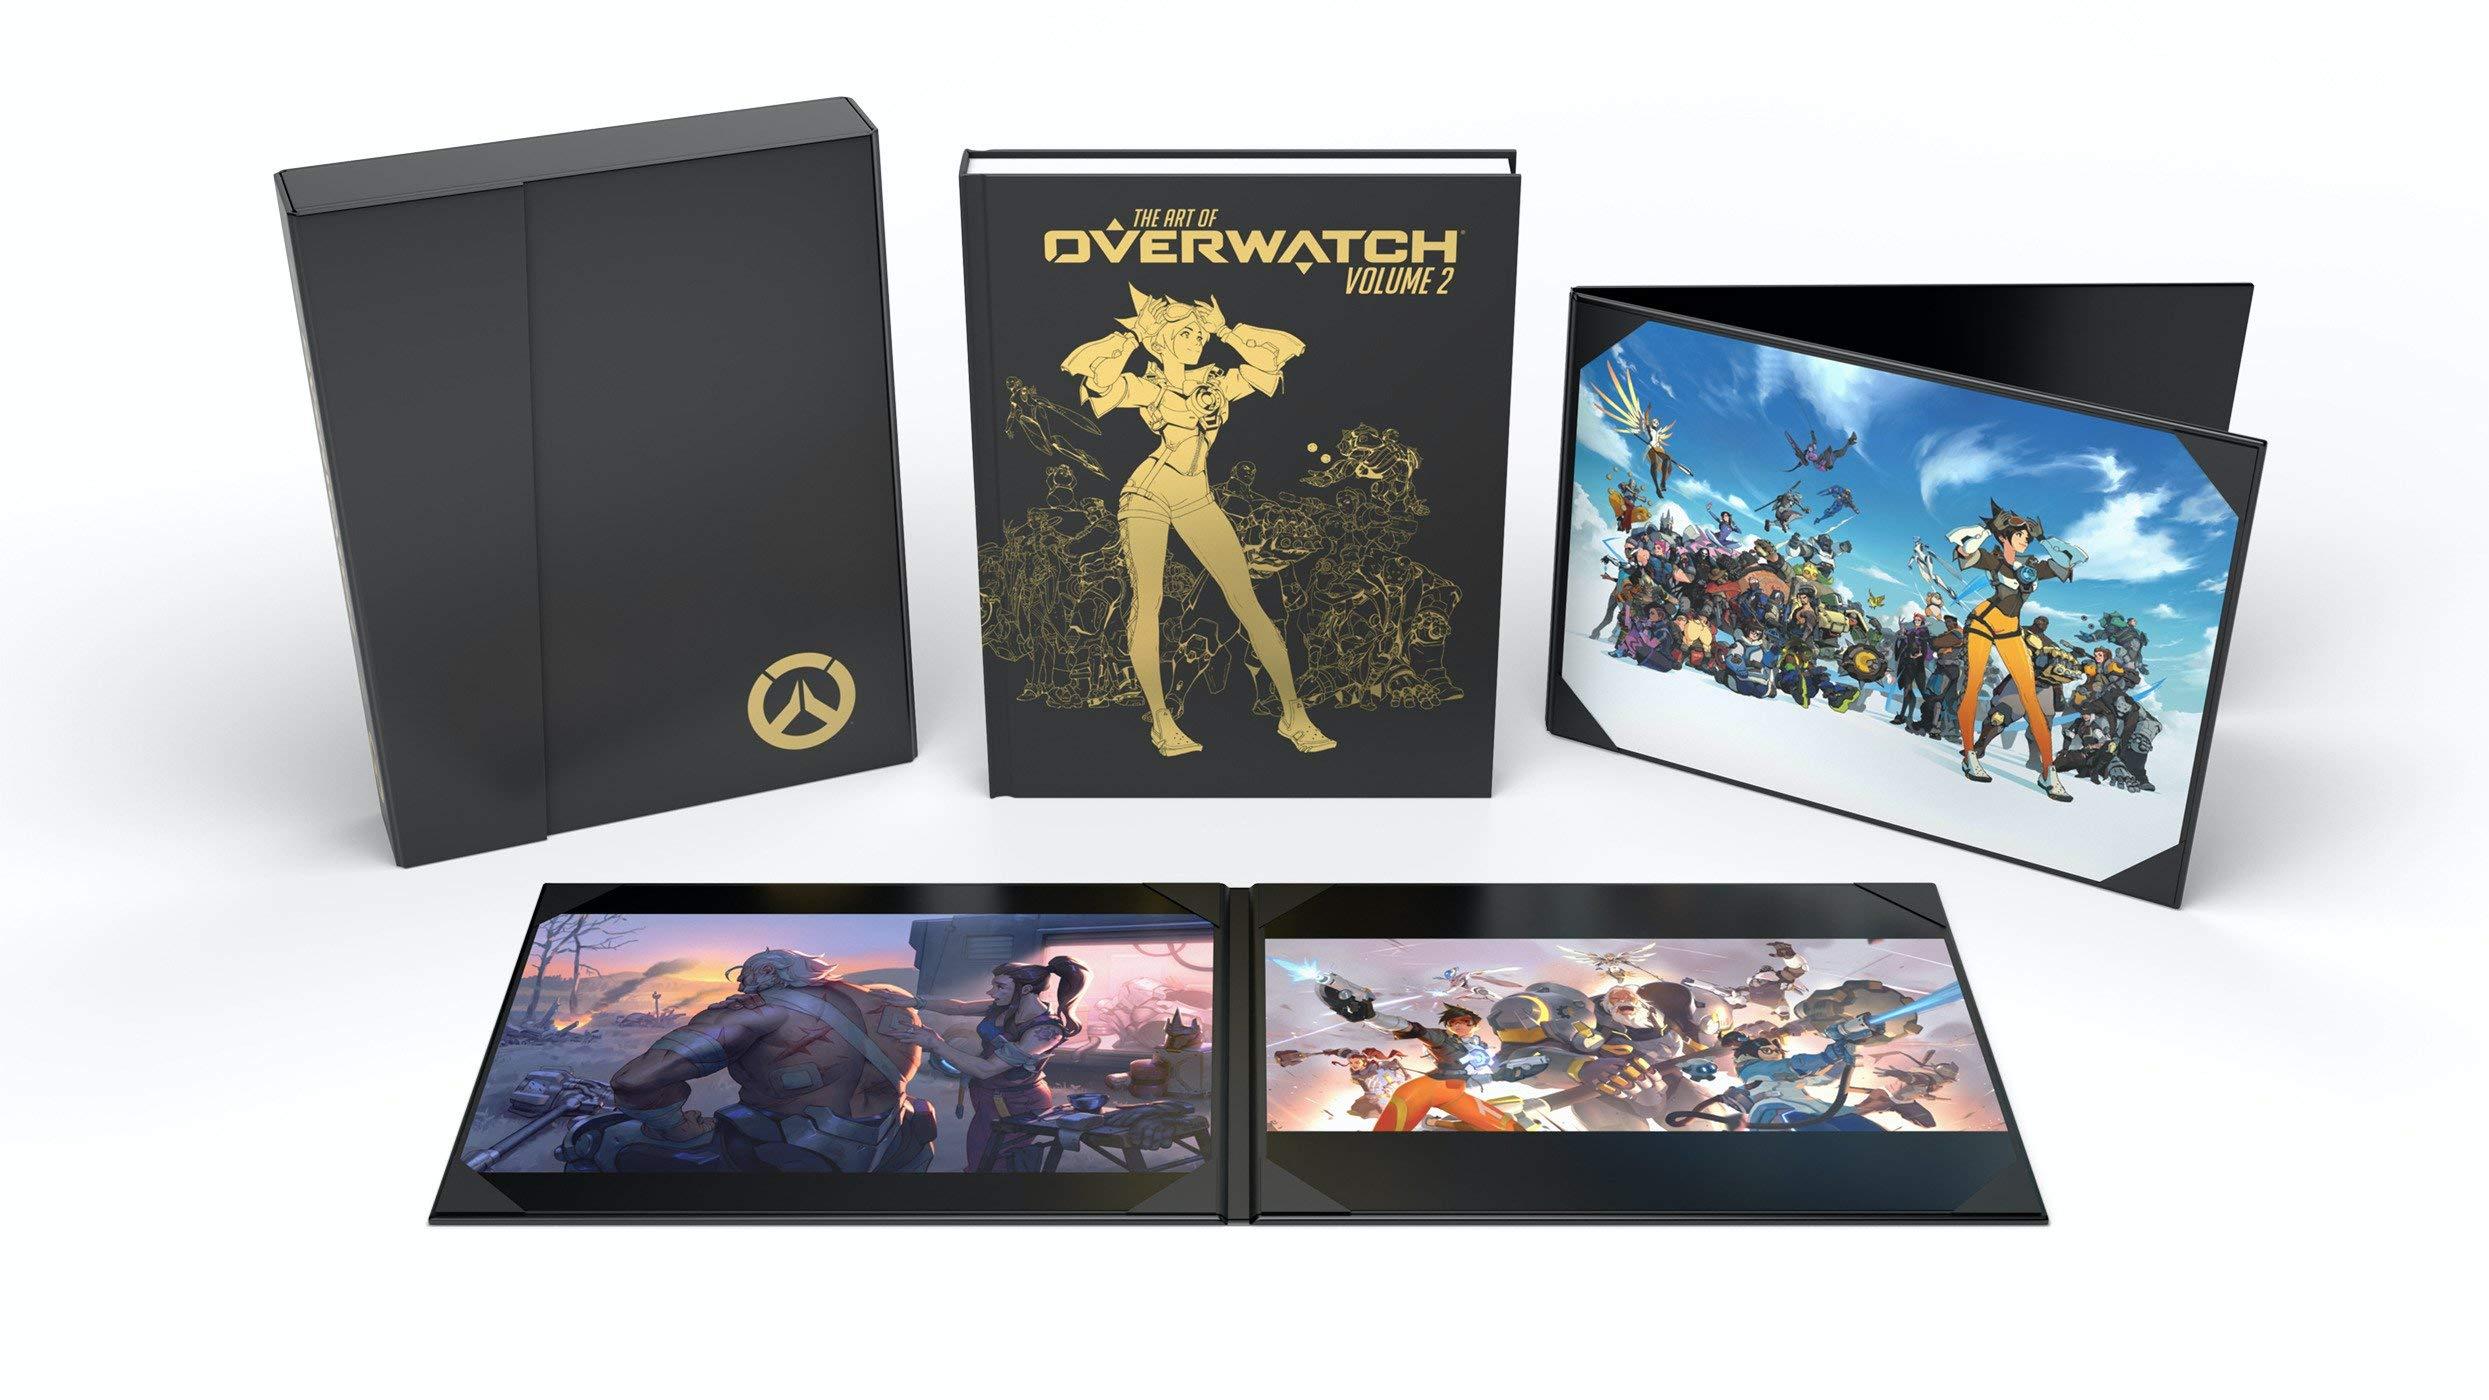 The Art of Overwatch Volume 2 – Weiteres Artbook zu Overwatch erscheint im Oktober 2021